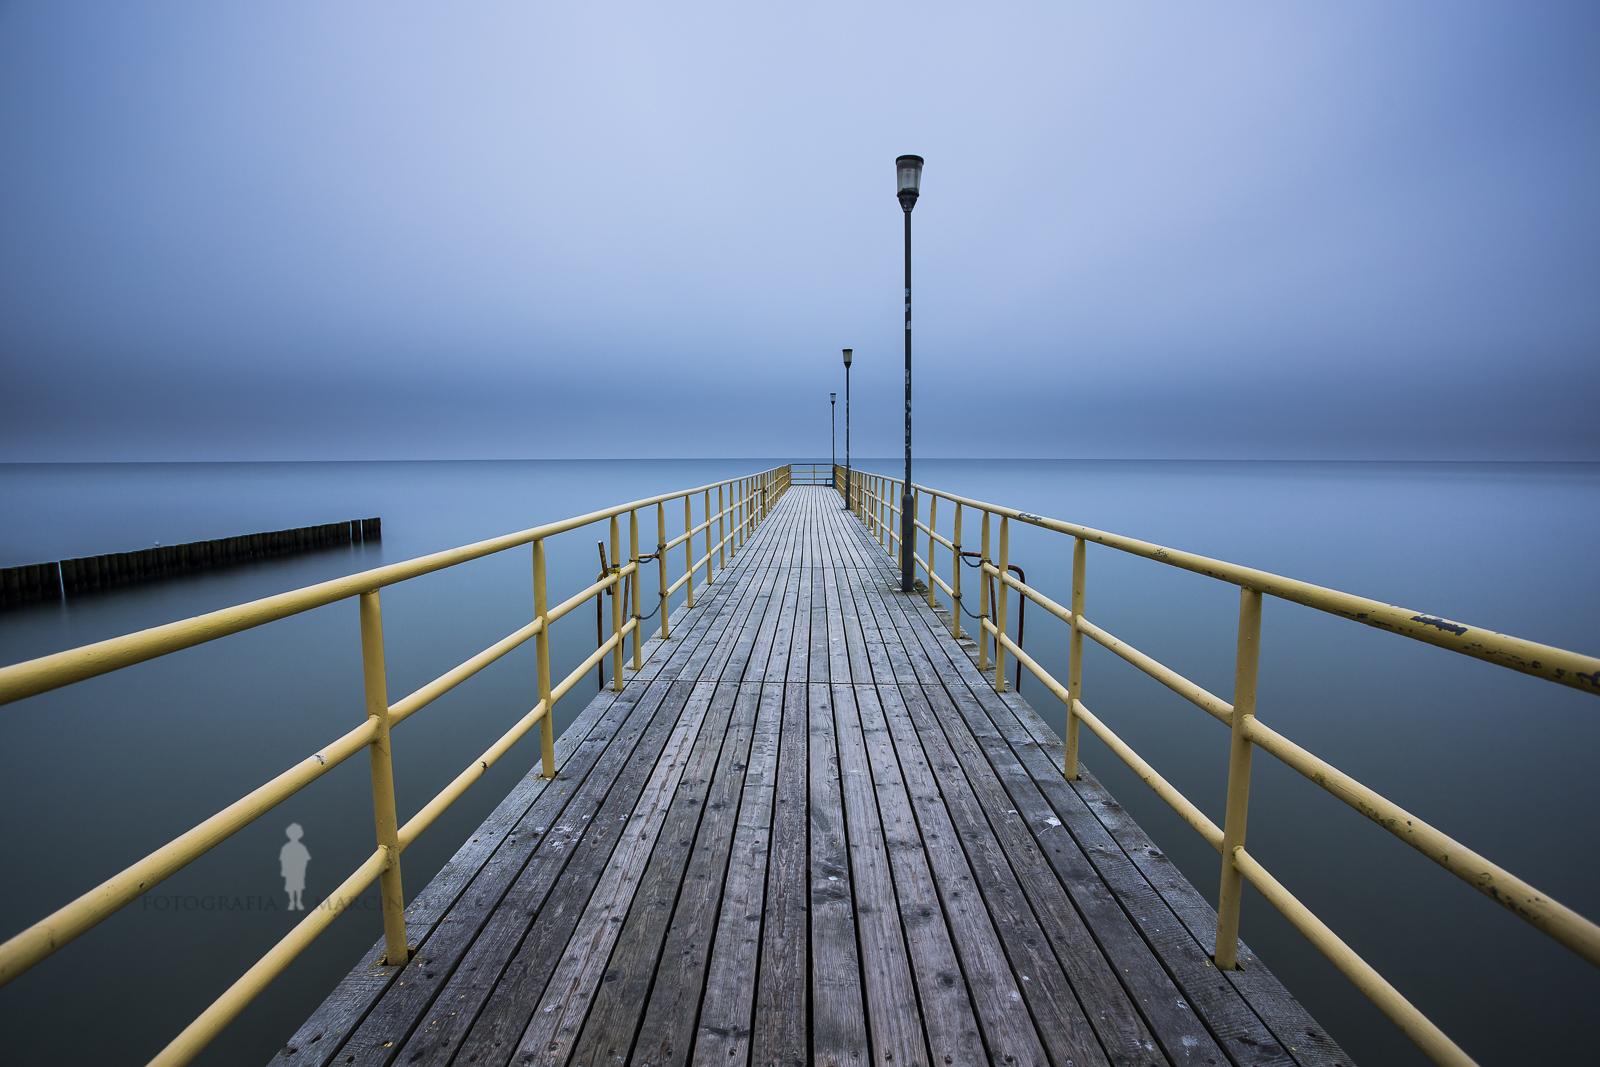 Bałtyk-Morze-Bałtyckie-Ustronie-Morskie-16